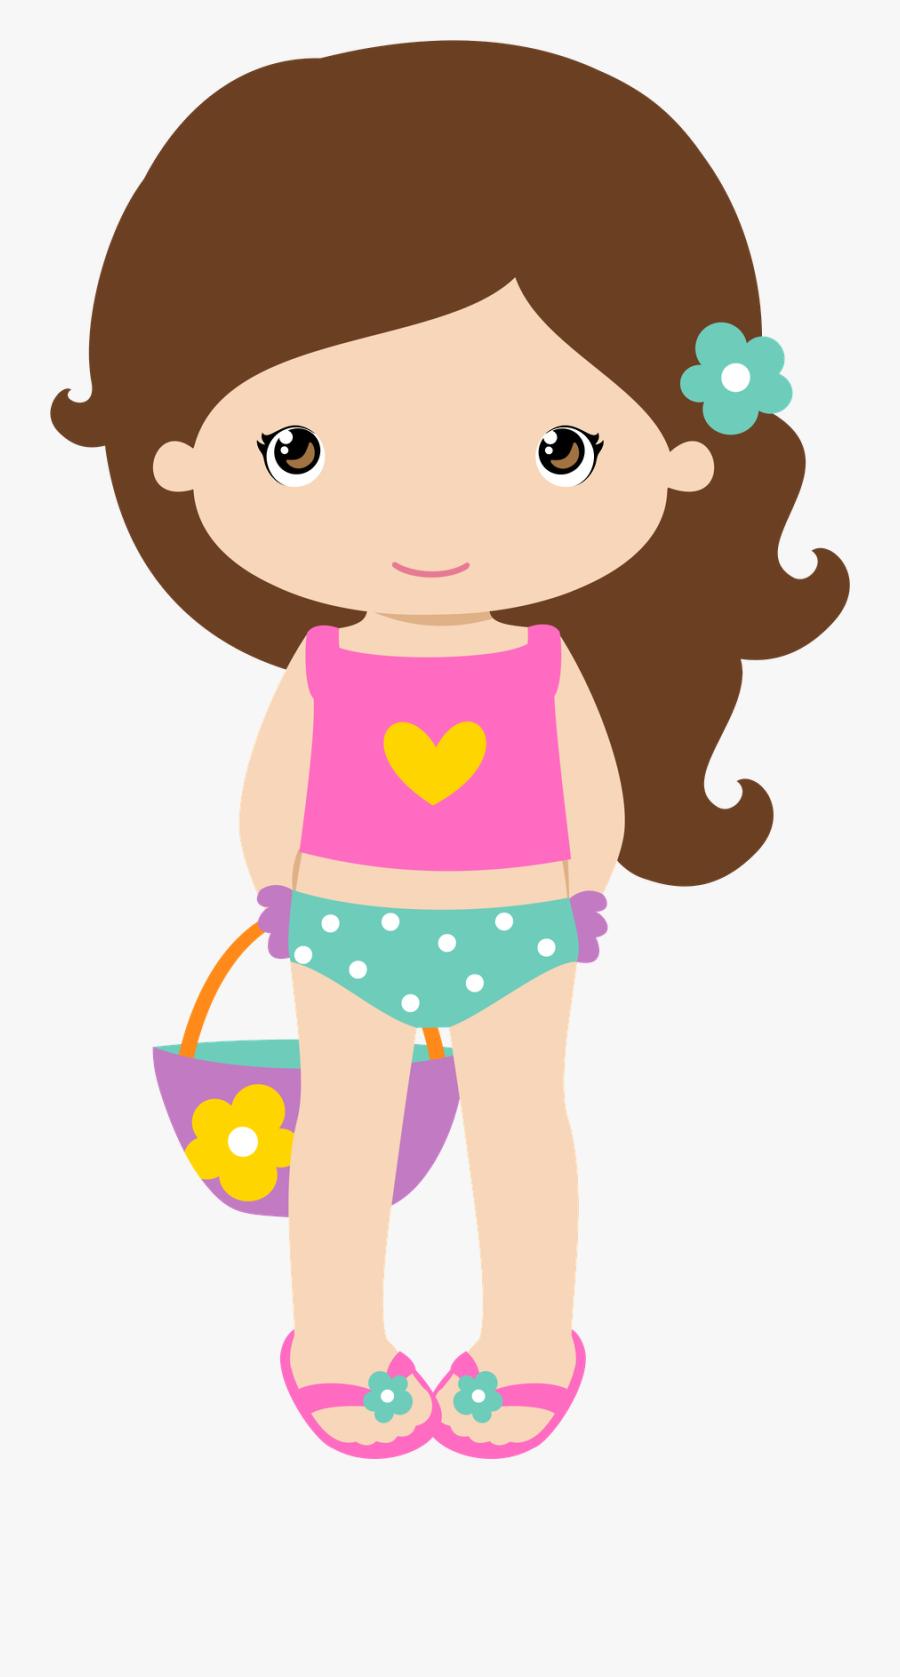 Summer Girl Clipart, Transparent Clipart